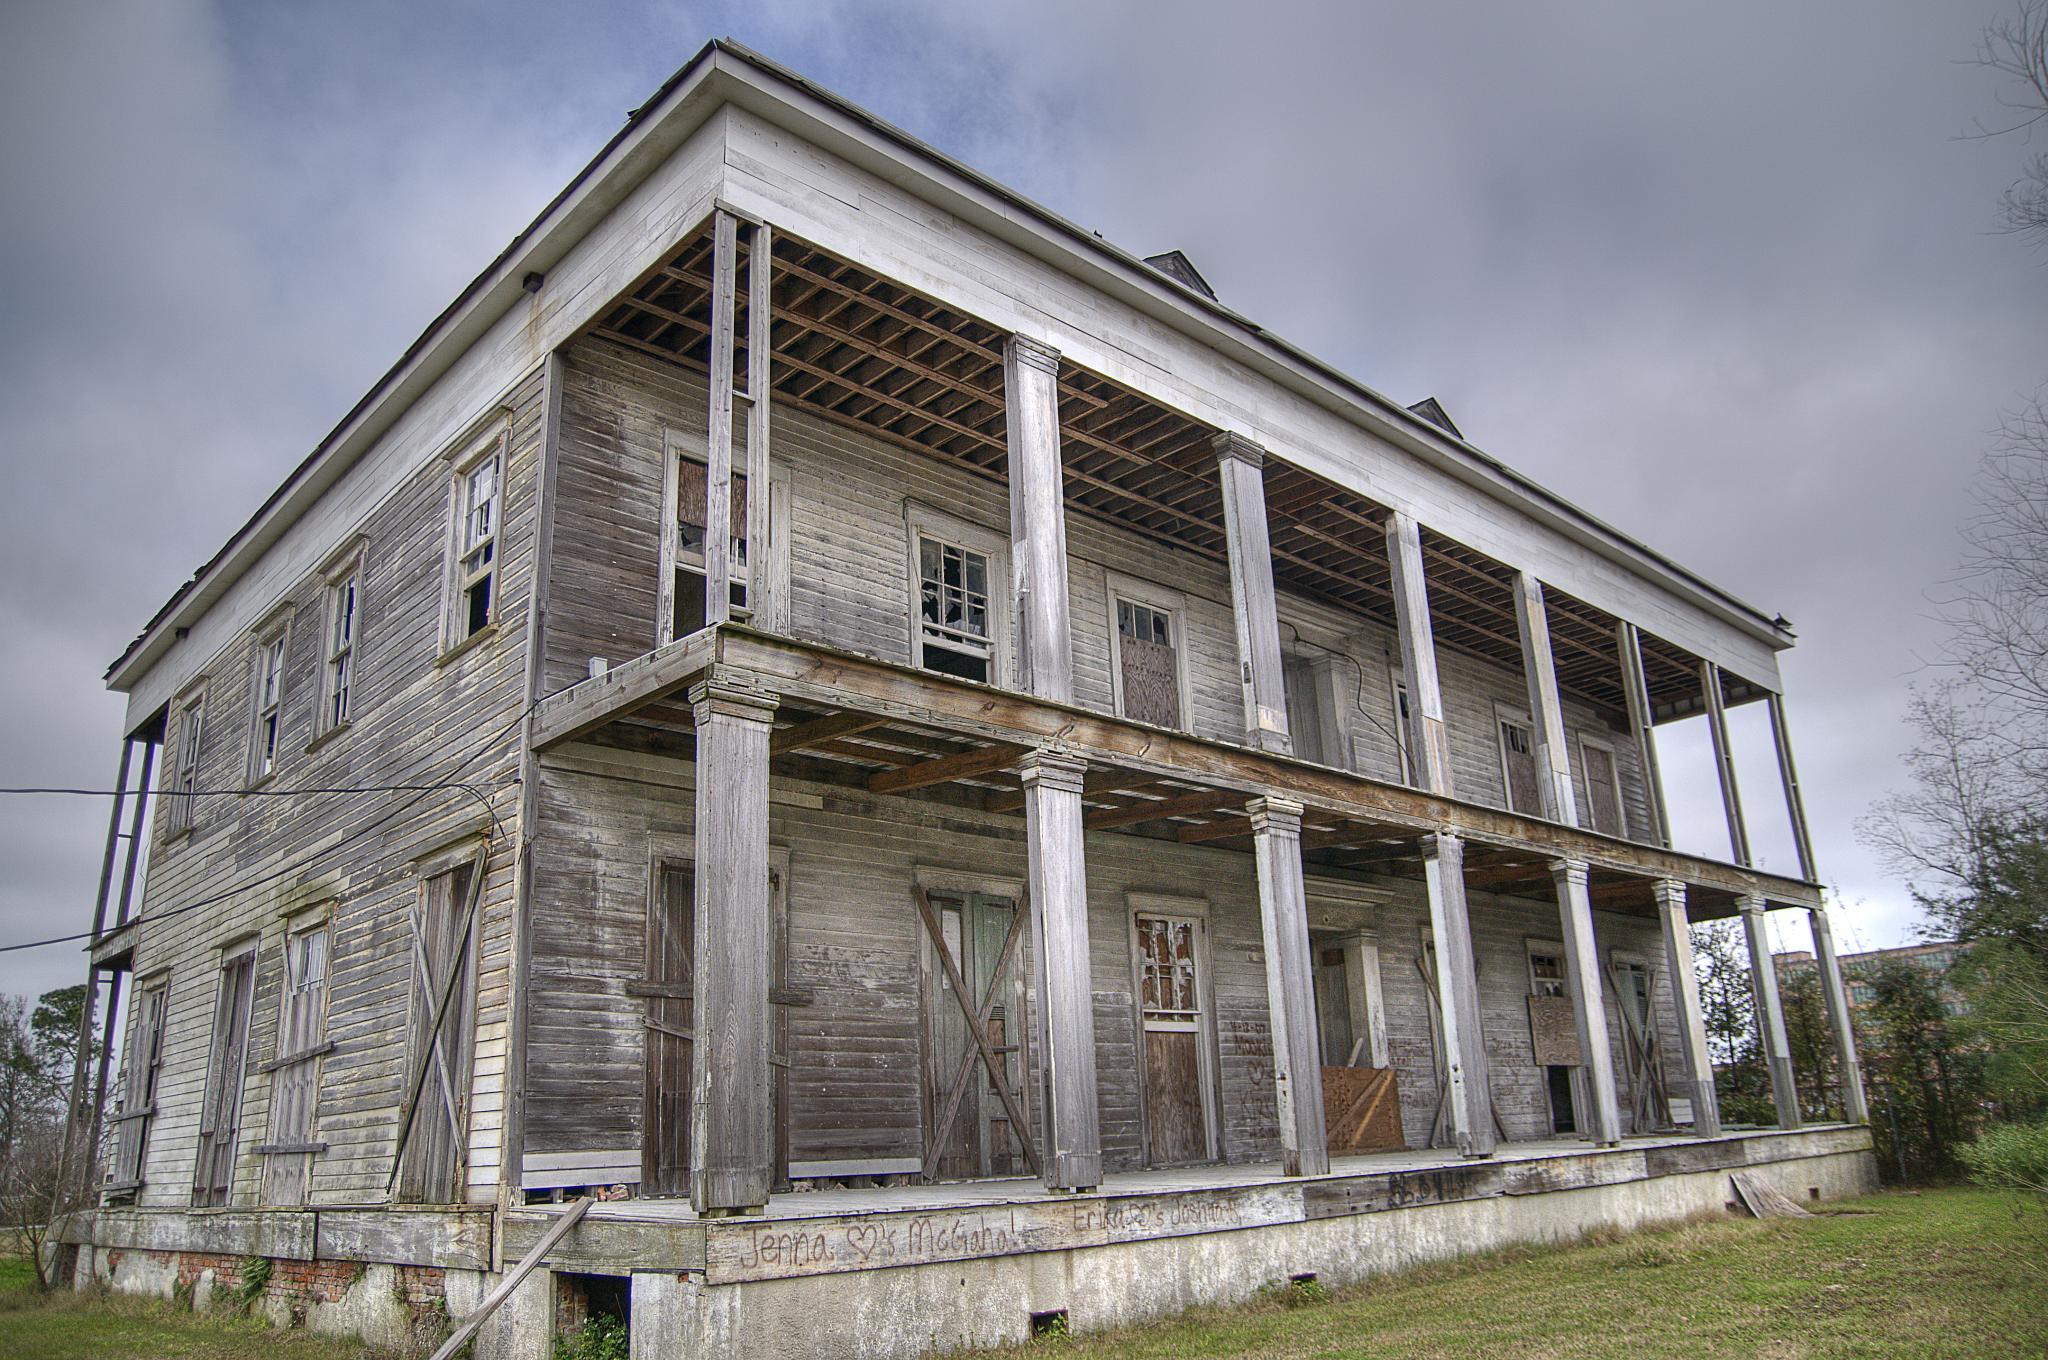 imagen de la mansión lebeau pocas semanas antes de que quedase reducida a cenizas. foto: Corey Balazowich/flickr